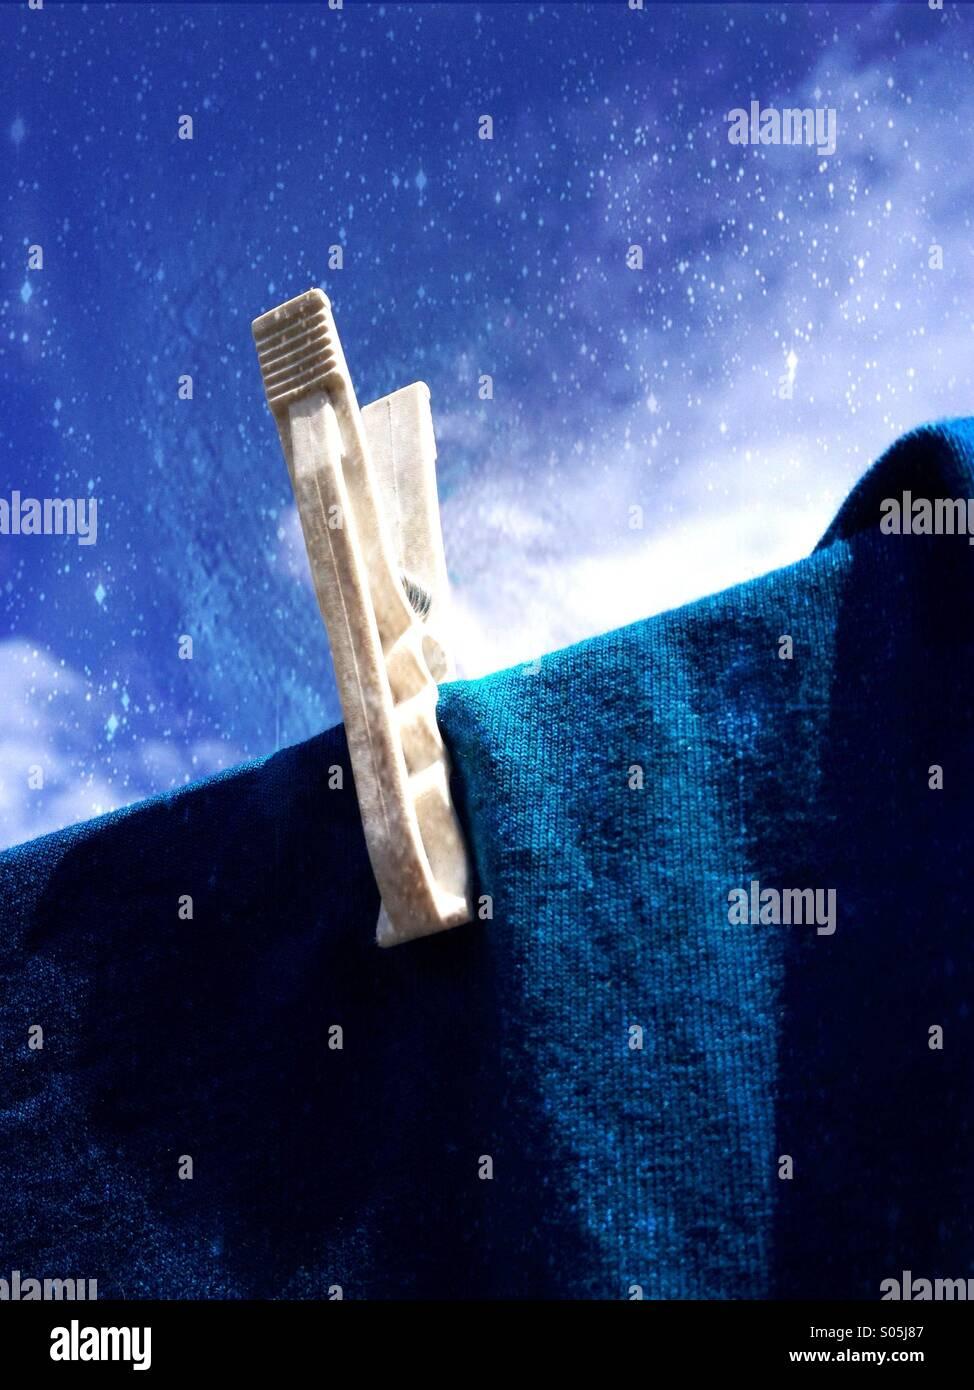 Nahaufnahme von einem Pflock auf eine Wäscheleine Stockbild